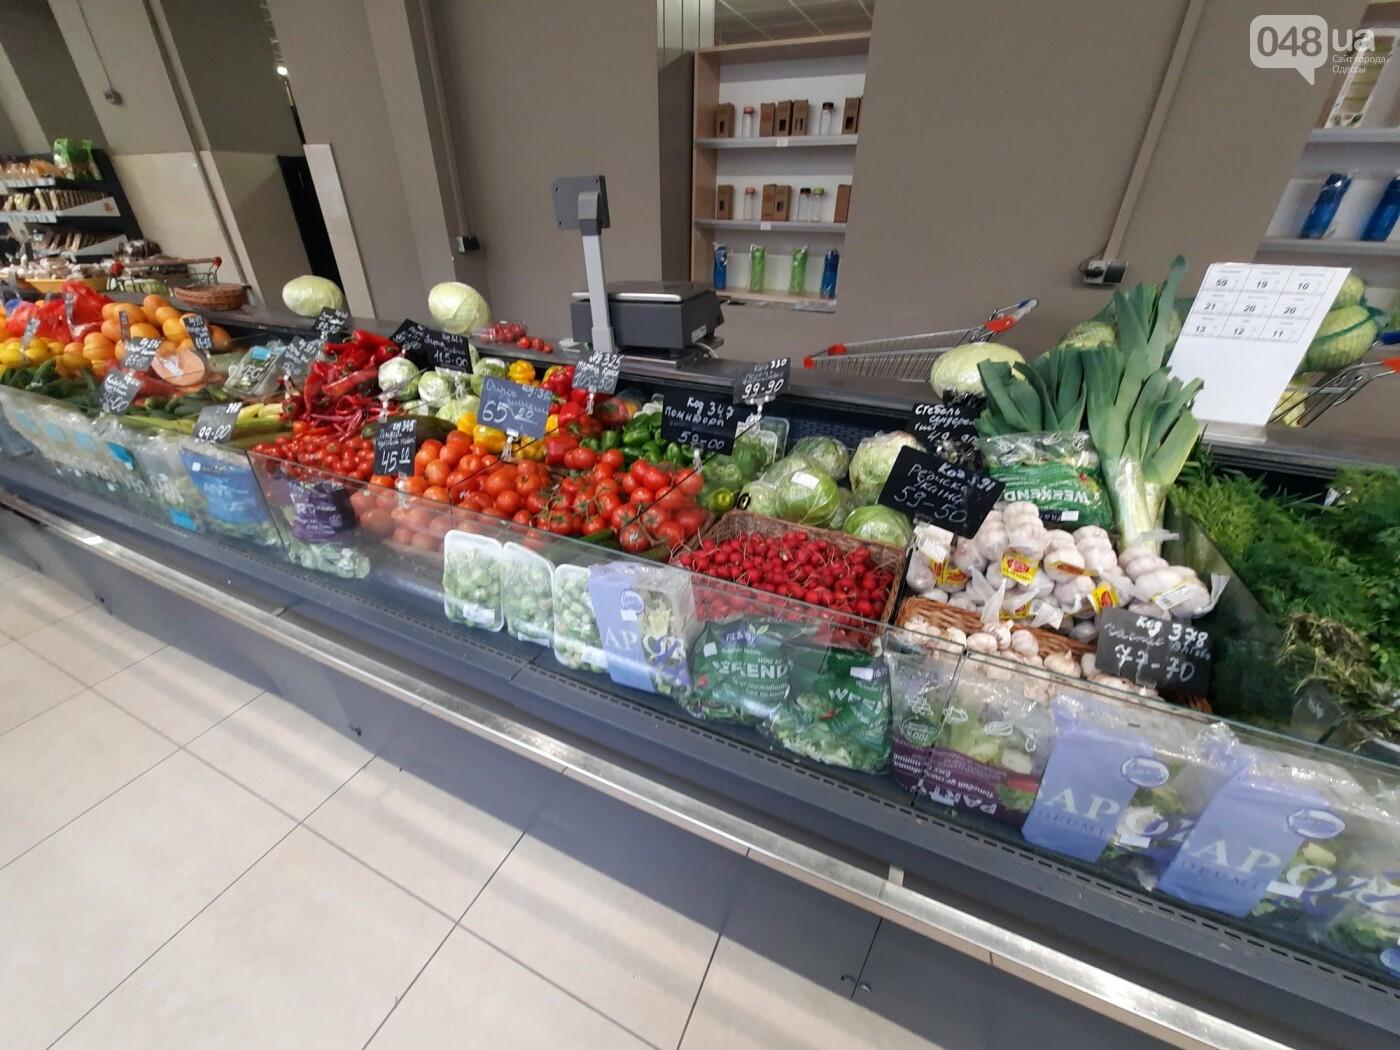 Редиска, помидоры и авокадо: как не переплачивать за покупки в супермаркетах Одессы, - ФОТО, фото-6